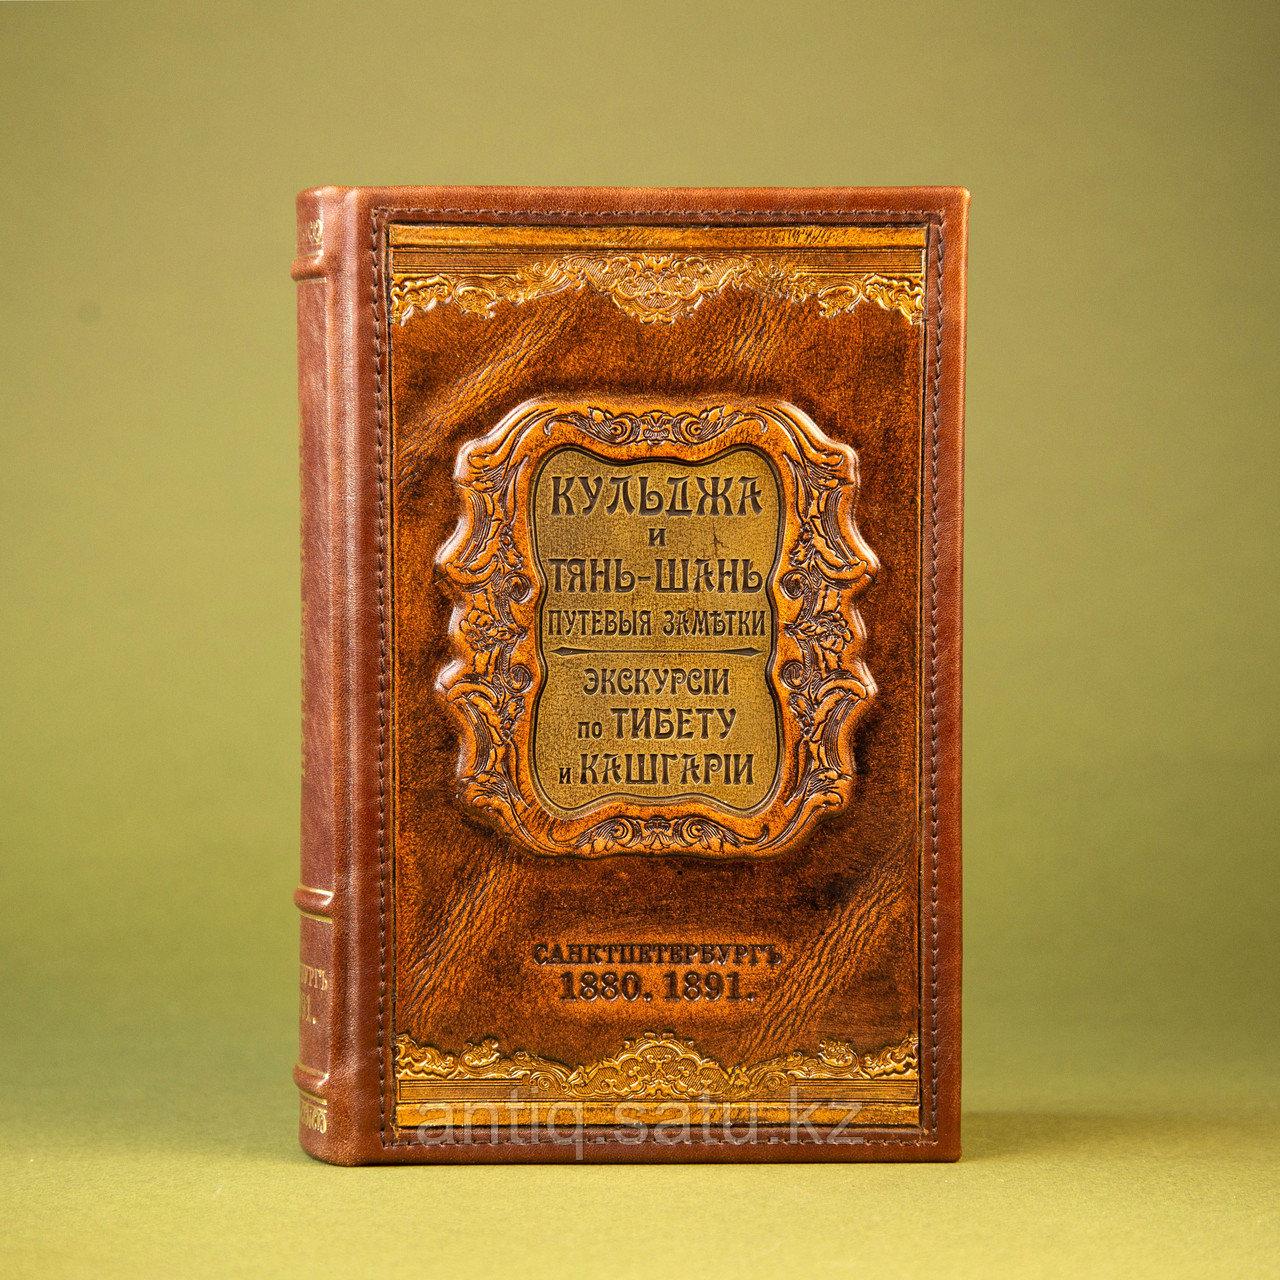 Антикварная книга, состоящая из 2-х трудов: «Кульджа и Тянь-Шань» и «Путевые заметки Экскурсии по Тибету - фото 1